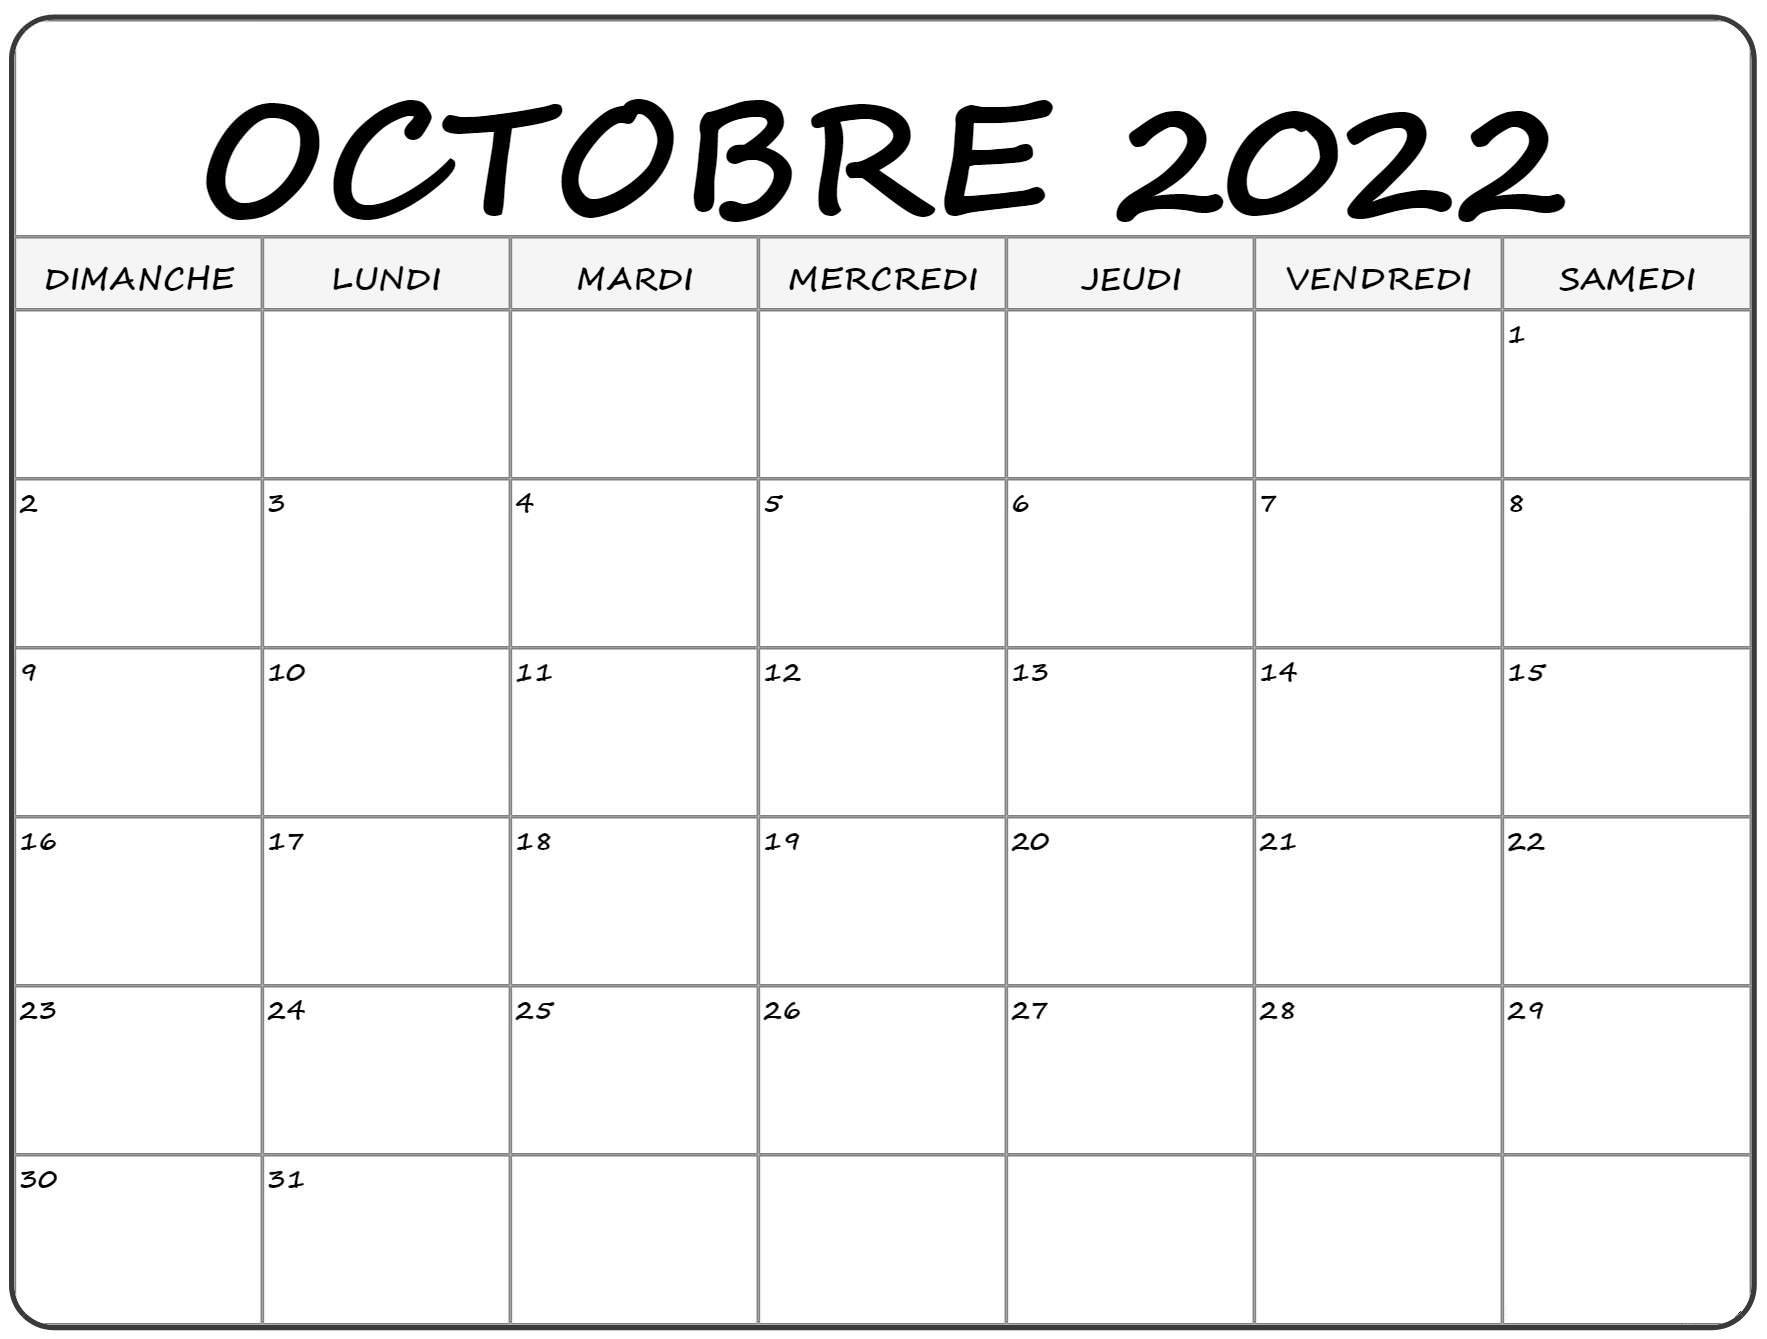 Calendrier Octobre 2022 à imprimer: Calendrier Octobre Vacances